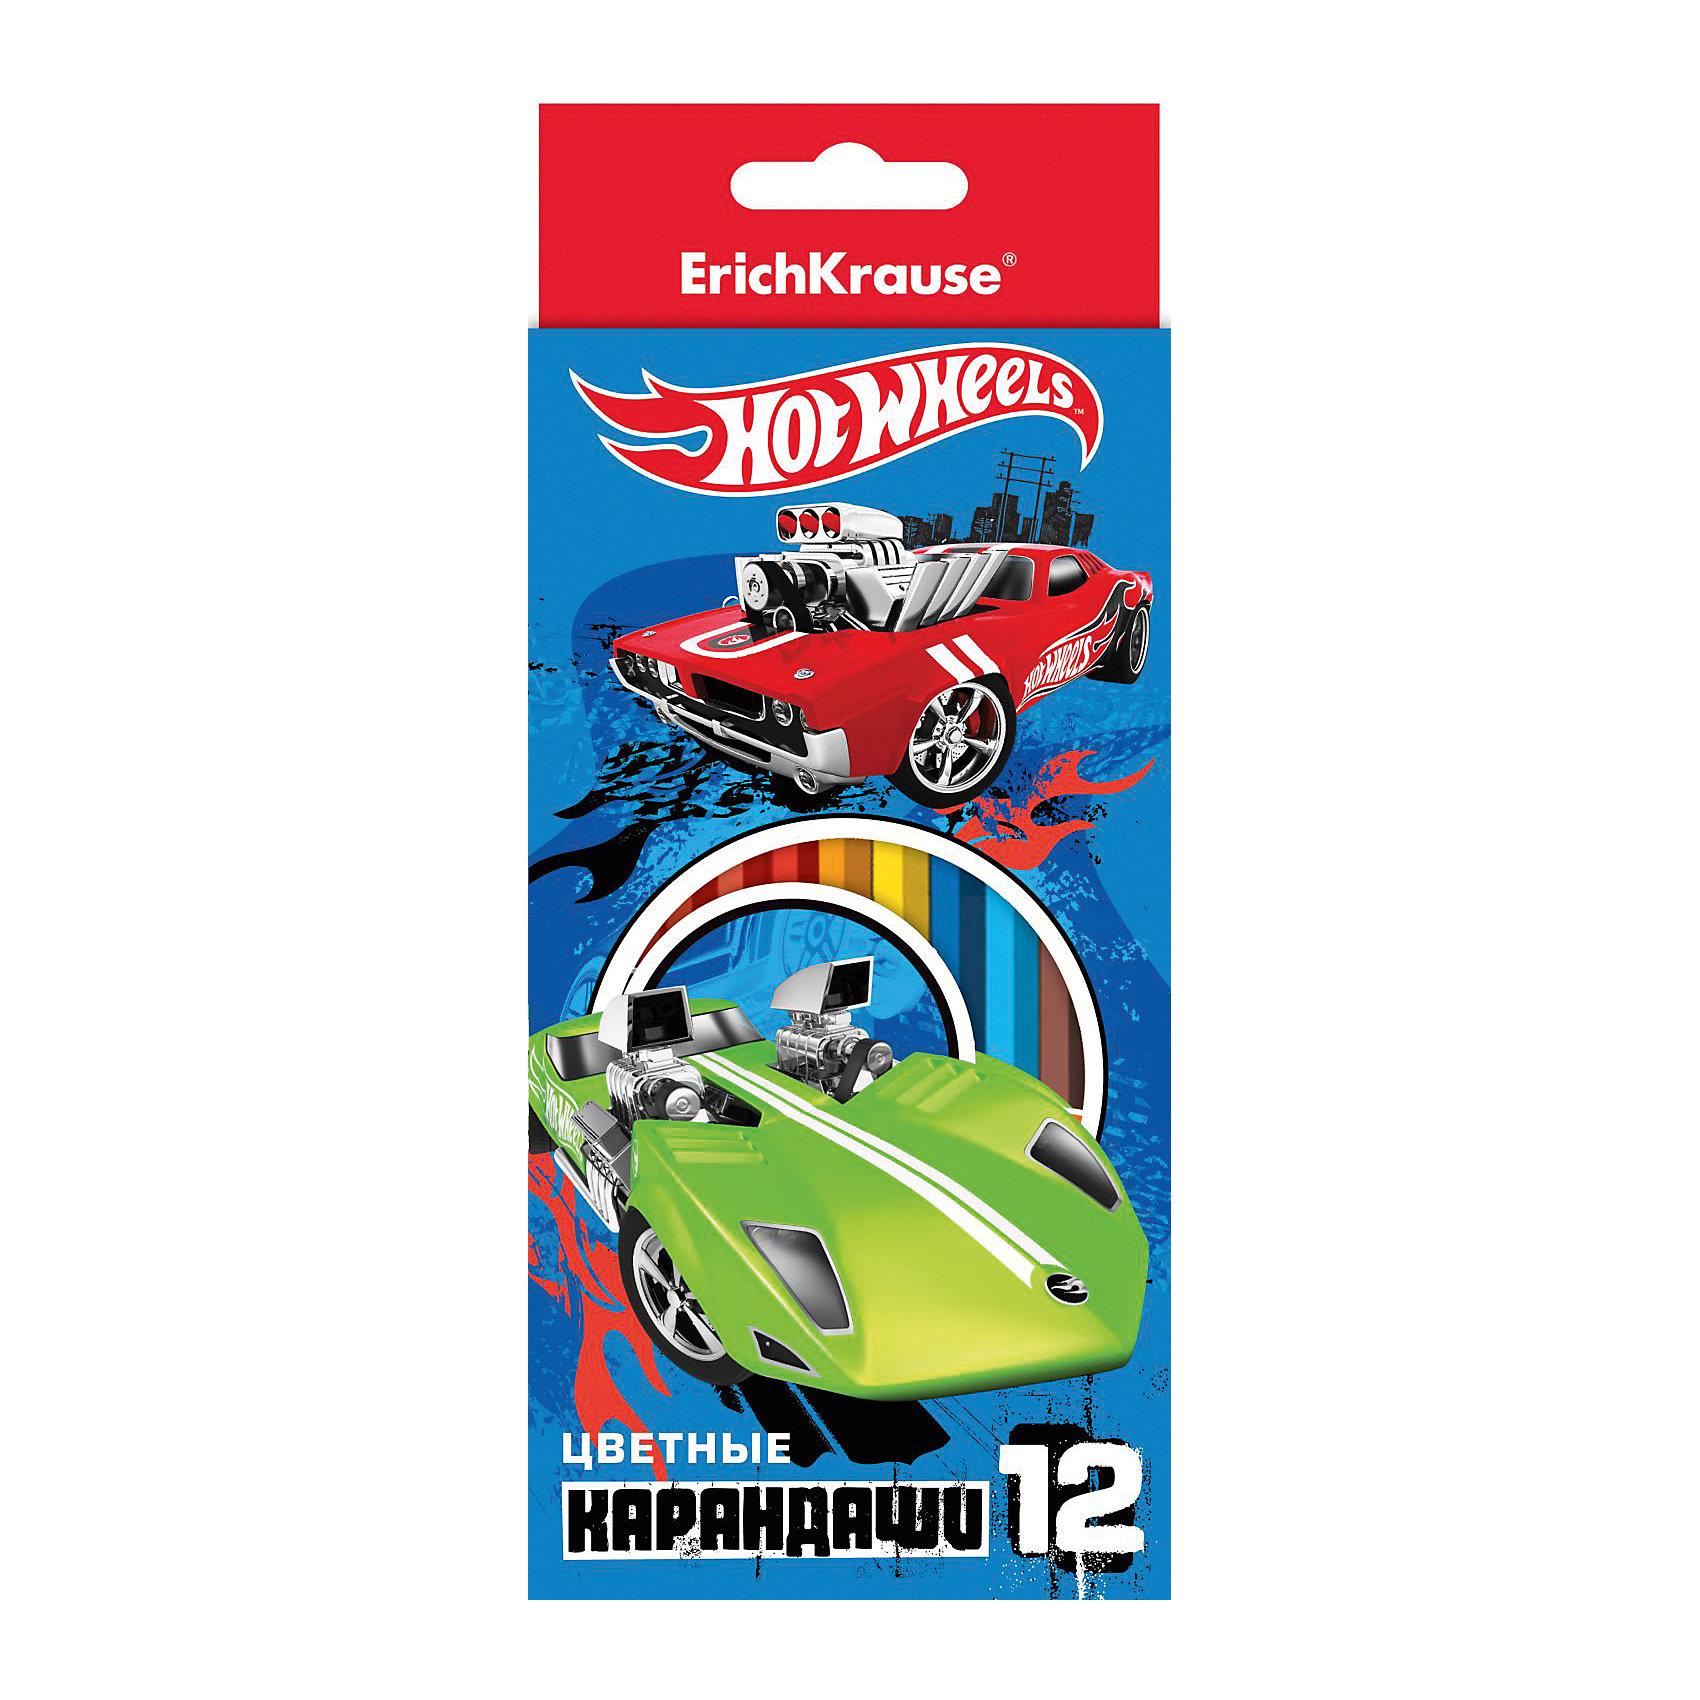 Цветные карандаши шестигранные Hot Wheels Super Car 12 цветовHot Wheels<br>Цветные карандаши шестигранные Hot Wheels Super Car 12 цветов<br><br>Характеристики:<br><br>• В набор входит: 12 цветов<br>• Размер упаковки: 20,5 * 0,8 * 8,8 см.<br>• Вес: 92 г.<br>• Для детей в возрасте: от 3-х лет<br>• Страна производитель: Россия<br><br>Высококачественные шестигранные карандаши ярко рисуют без сильного нажима, их легко точить. Карандаши изготовлены из безопасных и нетоксичных материалов. На коробке изображены машинки от Hot Wheels (Хот Вилс), которые будут вдохновлять ребёнка на новые рисунки. Двенадцать стандартных цветов позволят создать любой шедевр. Рисуя карандашами дети развивают моторику рук, творческие способности, учатся подбирать цветовую гамму и просто отлично проводят время. <br><br>Цветные карандаши шестигранные Hot Wheels Super Car 12 цветов можно купить в нашем интернет-магазине.<br><br>Ширина мм: 88<br>Глубина мм: 204<br>Высота мм: 8<br>Вес г: 92<br>Возраст от месяцев: 60<br>Возраст до месяцев: 216<br>Пол: Мужской<br>Возраст: Детский<br>SKU: 5415410